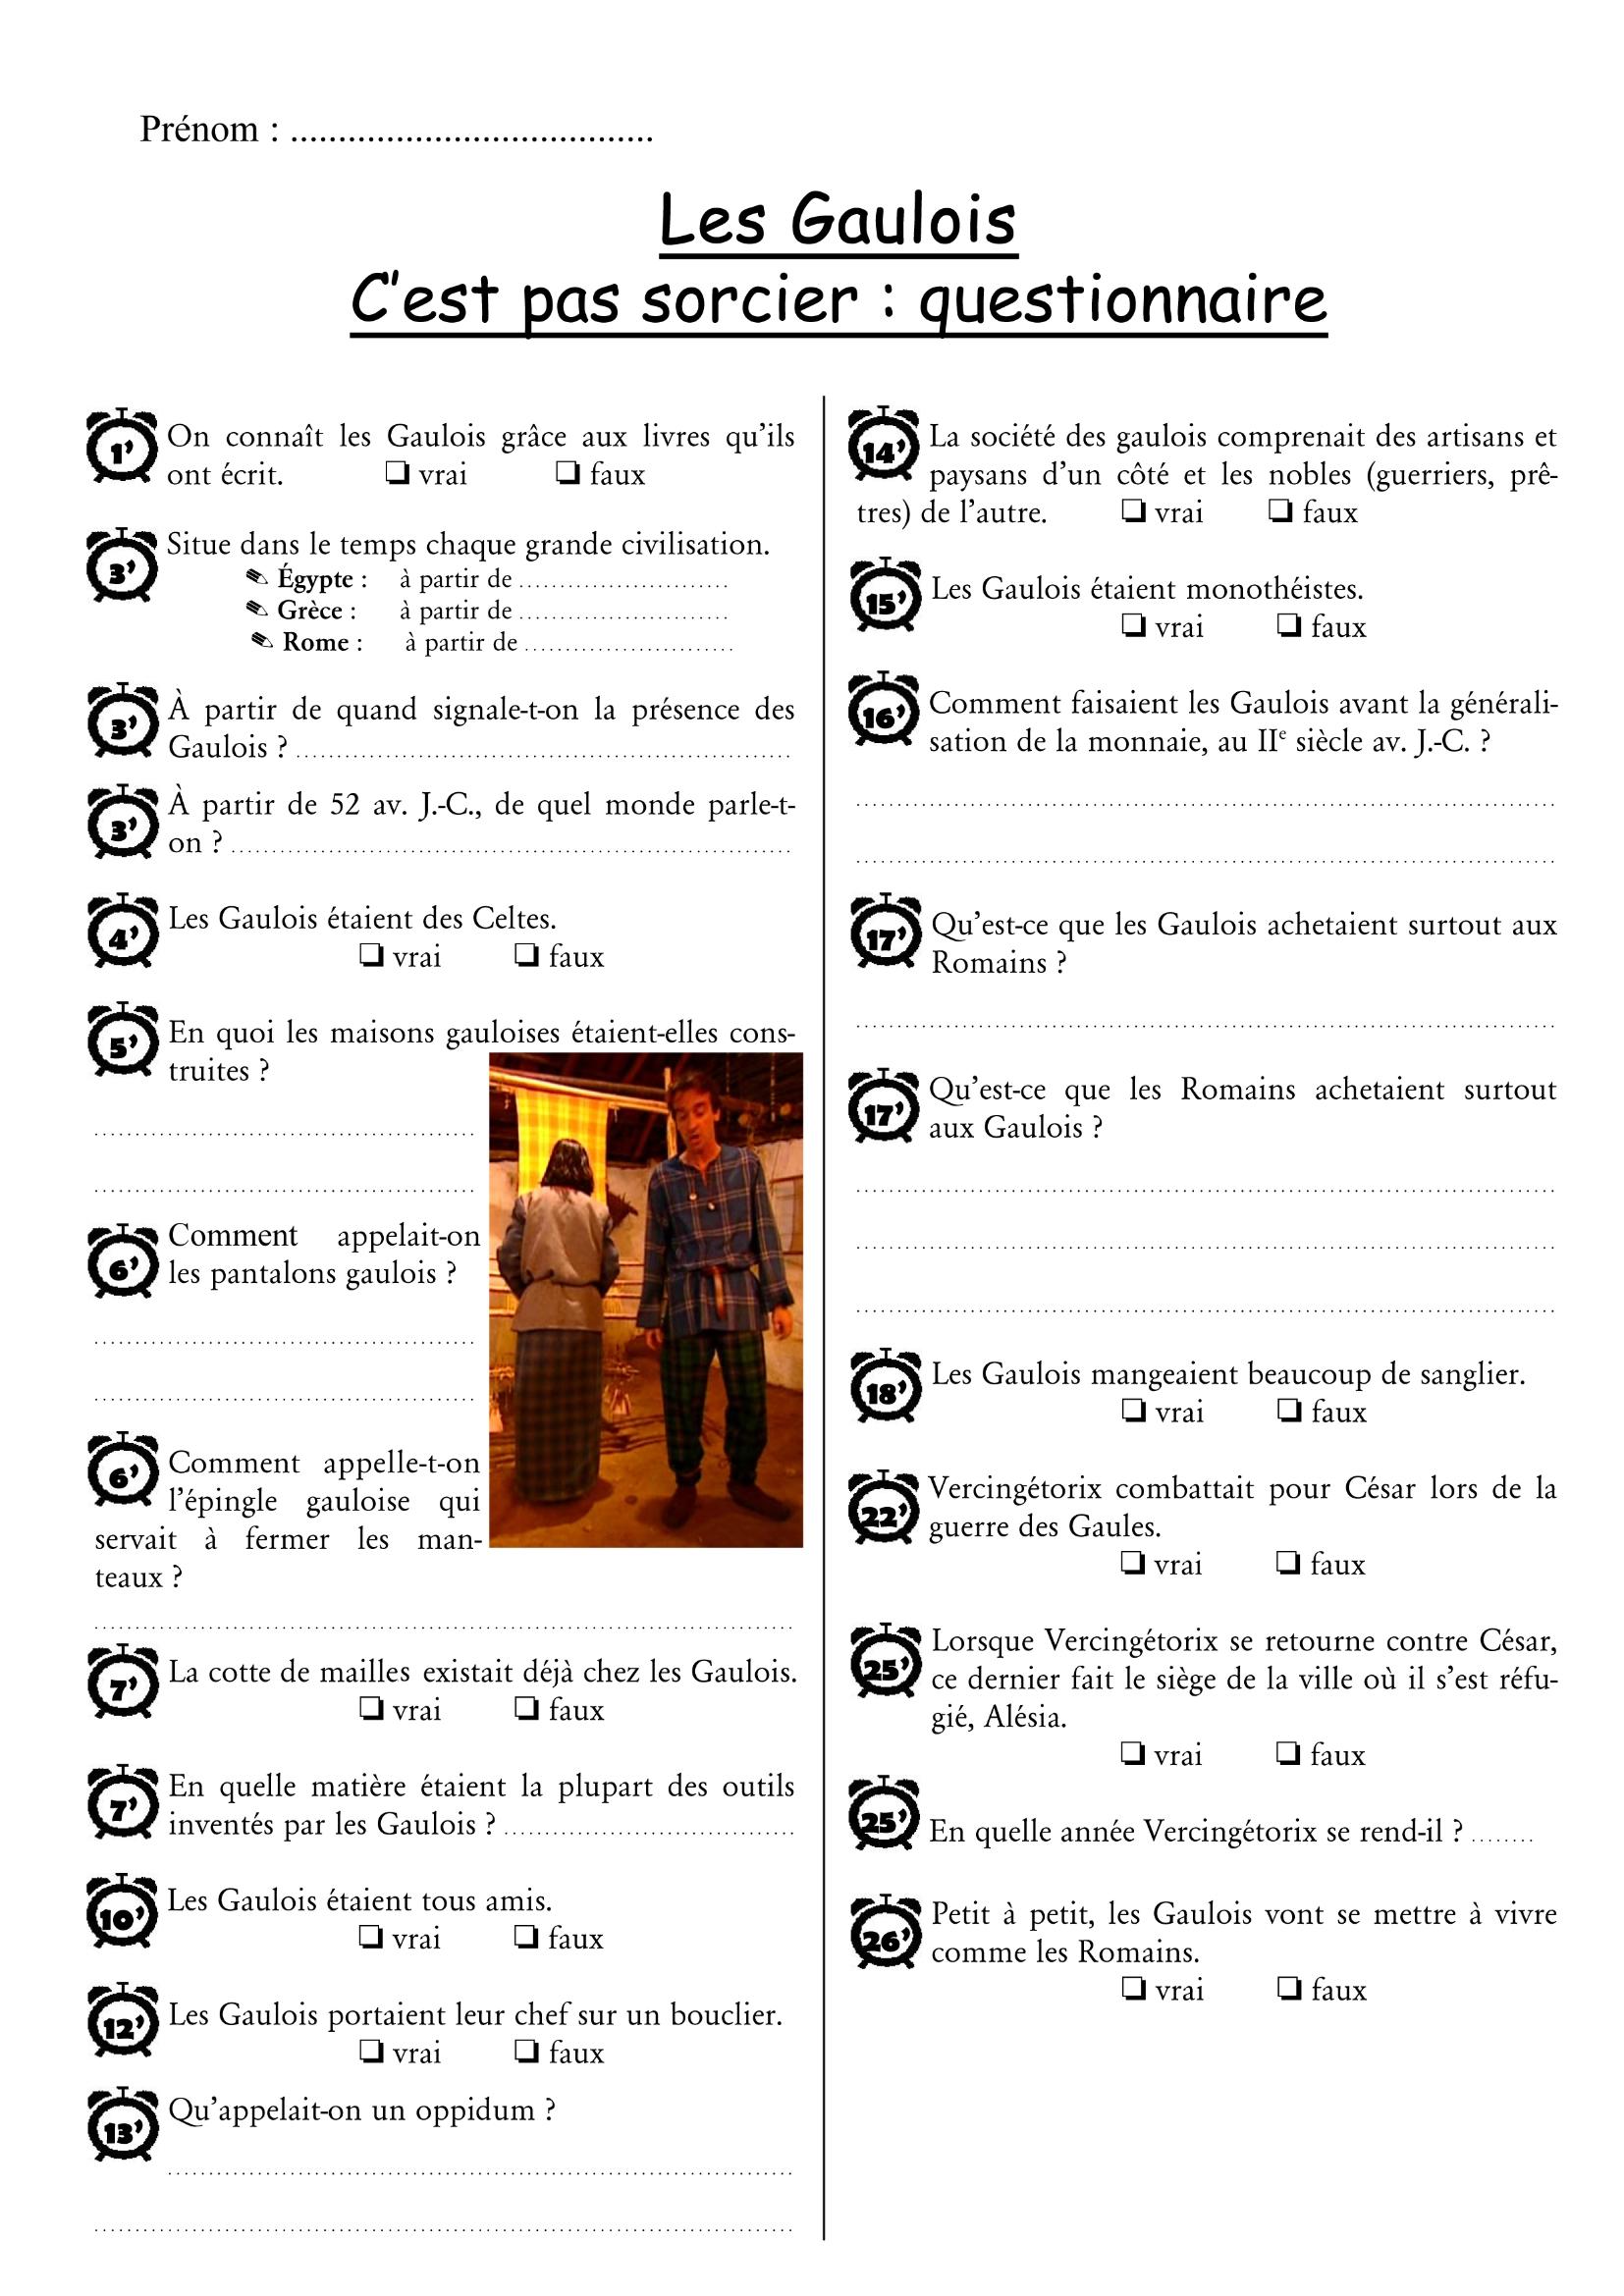 C Est Pas Sorcier Les Gaulois : sorcier, gaulois, Histoire, Gaulois, Banque, D'Aurélien